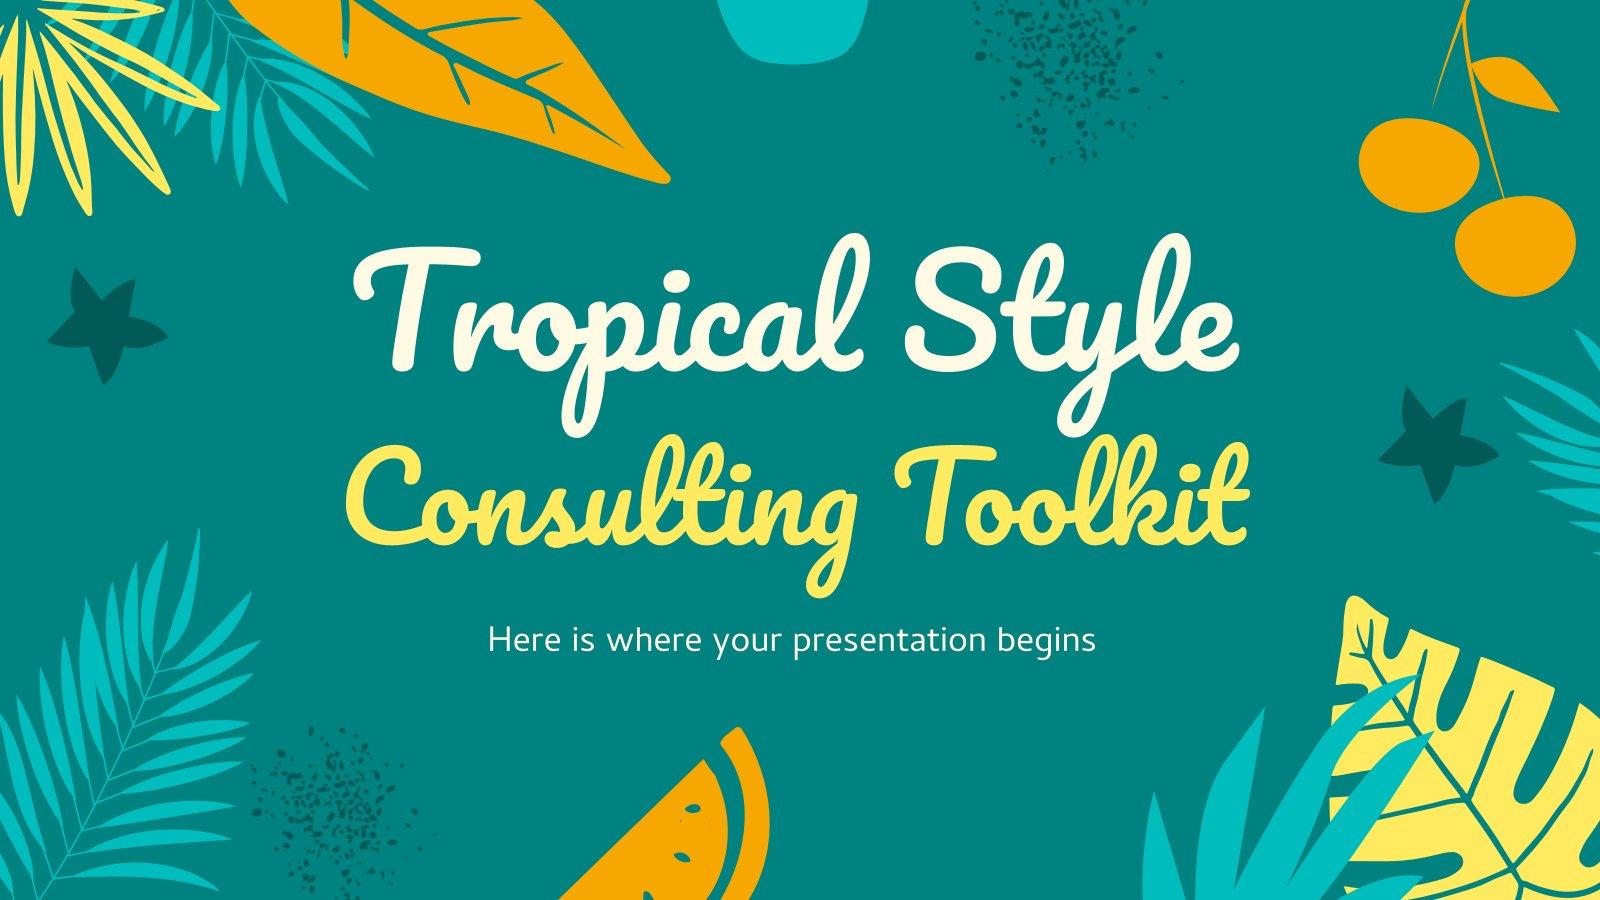 Boîte à outils de conseil de style tropical : Modèles de présentation